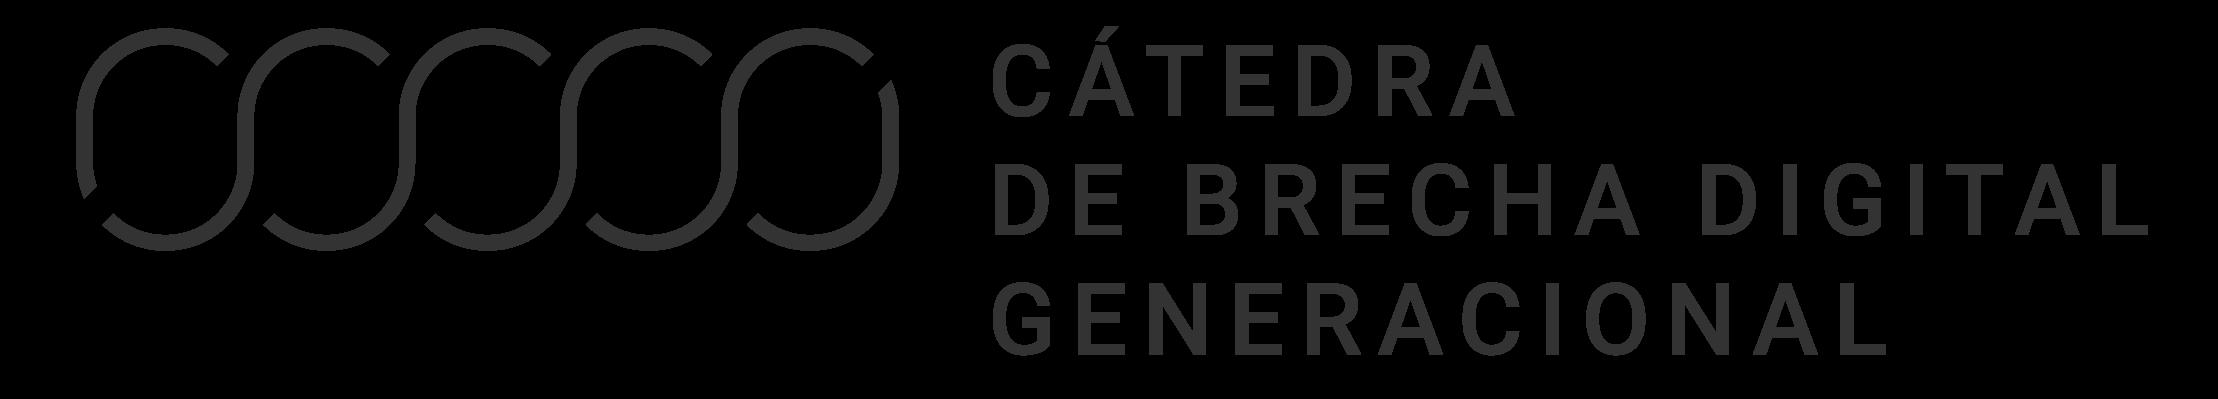 Logotipo Cátedra Brecha Digital Generacional del encabezado